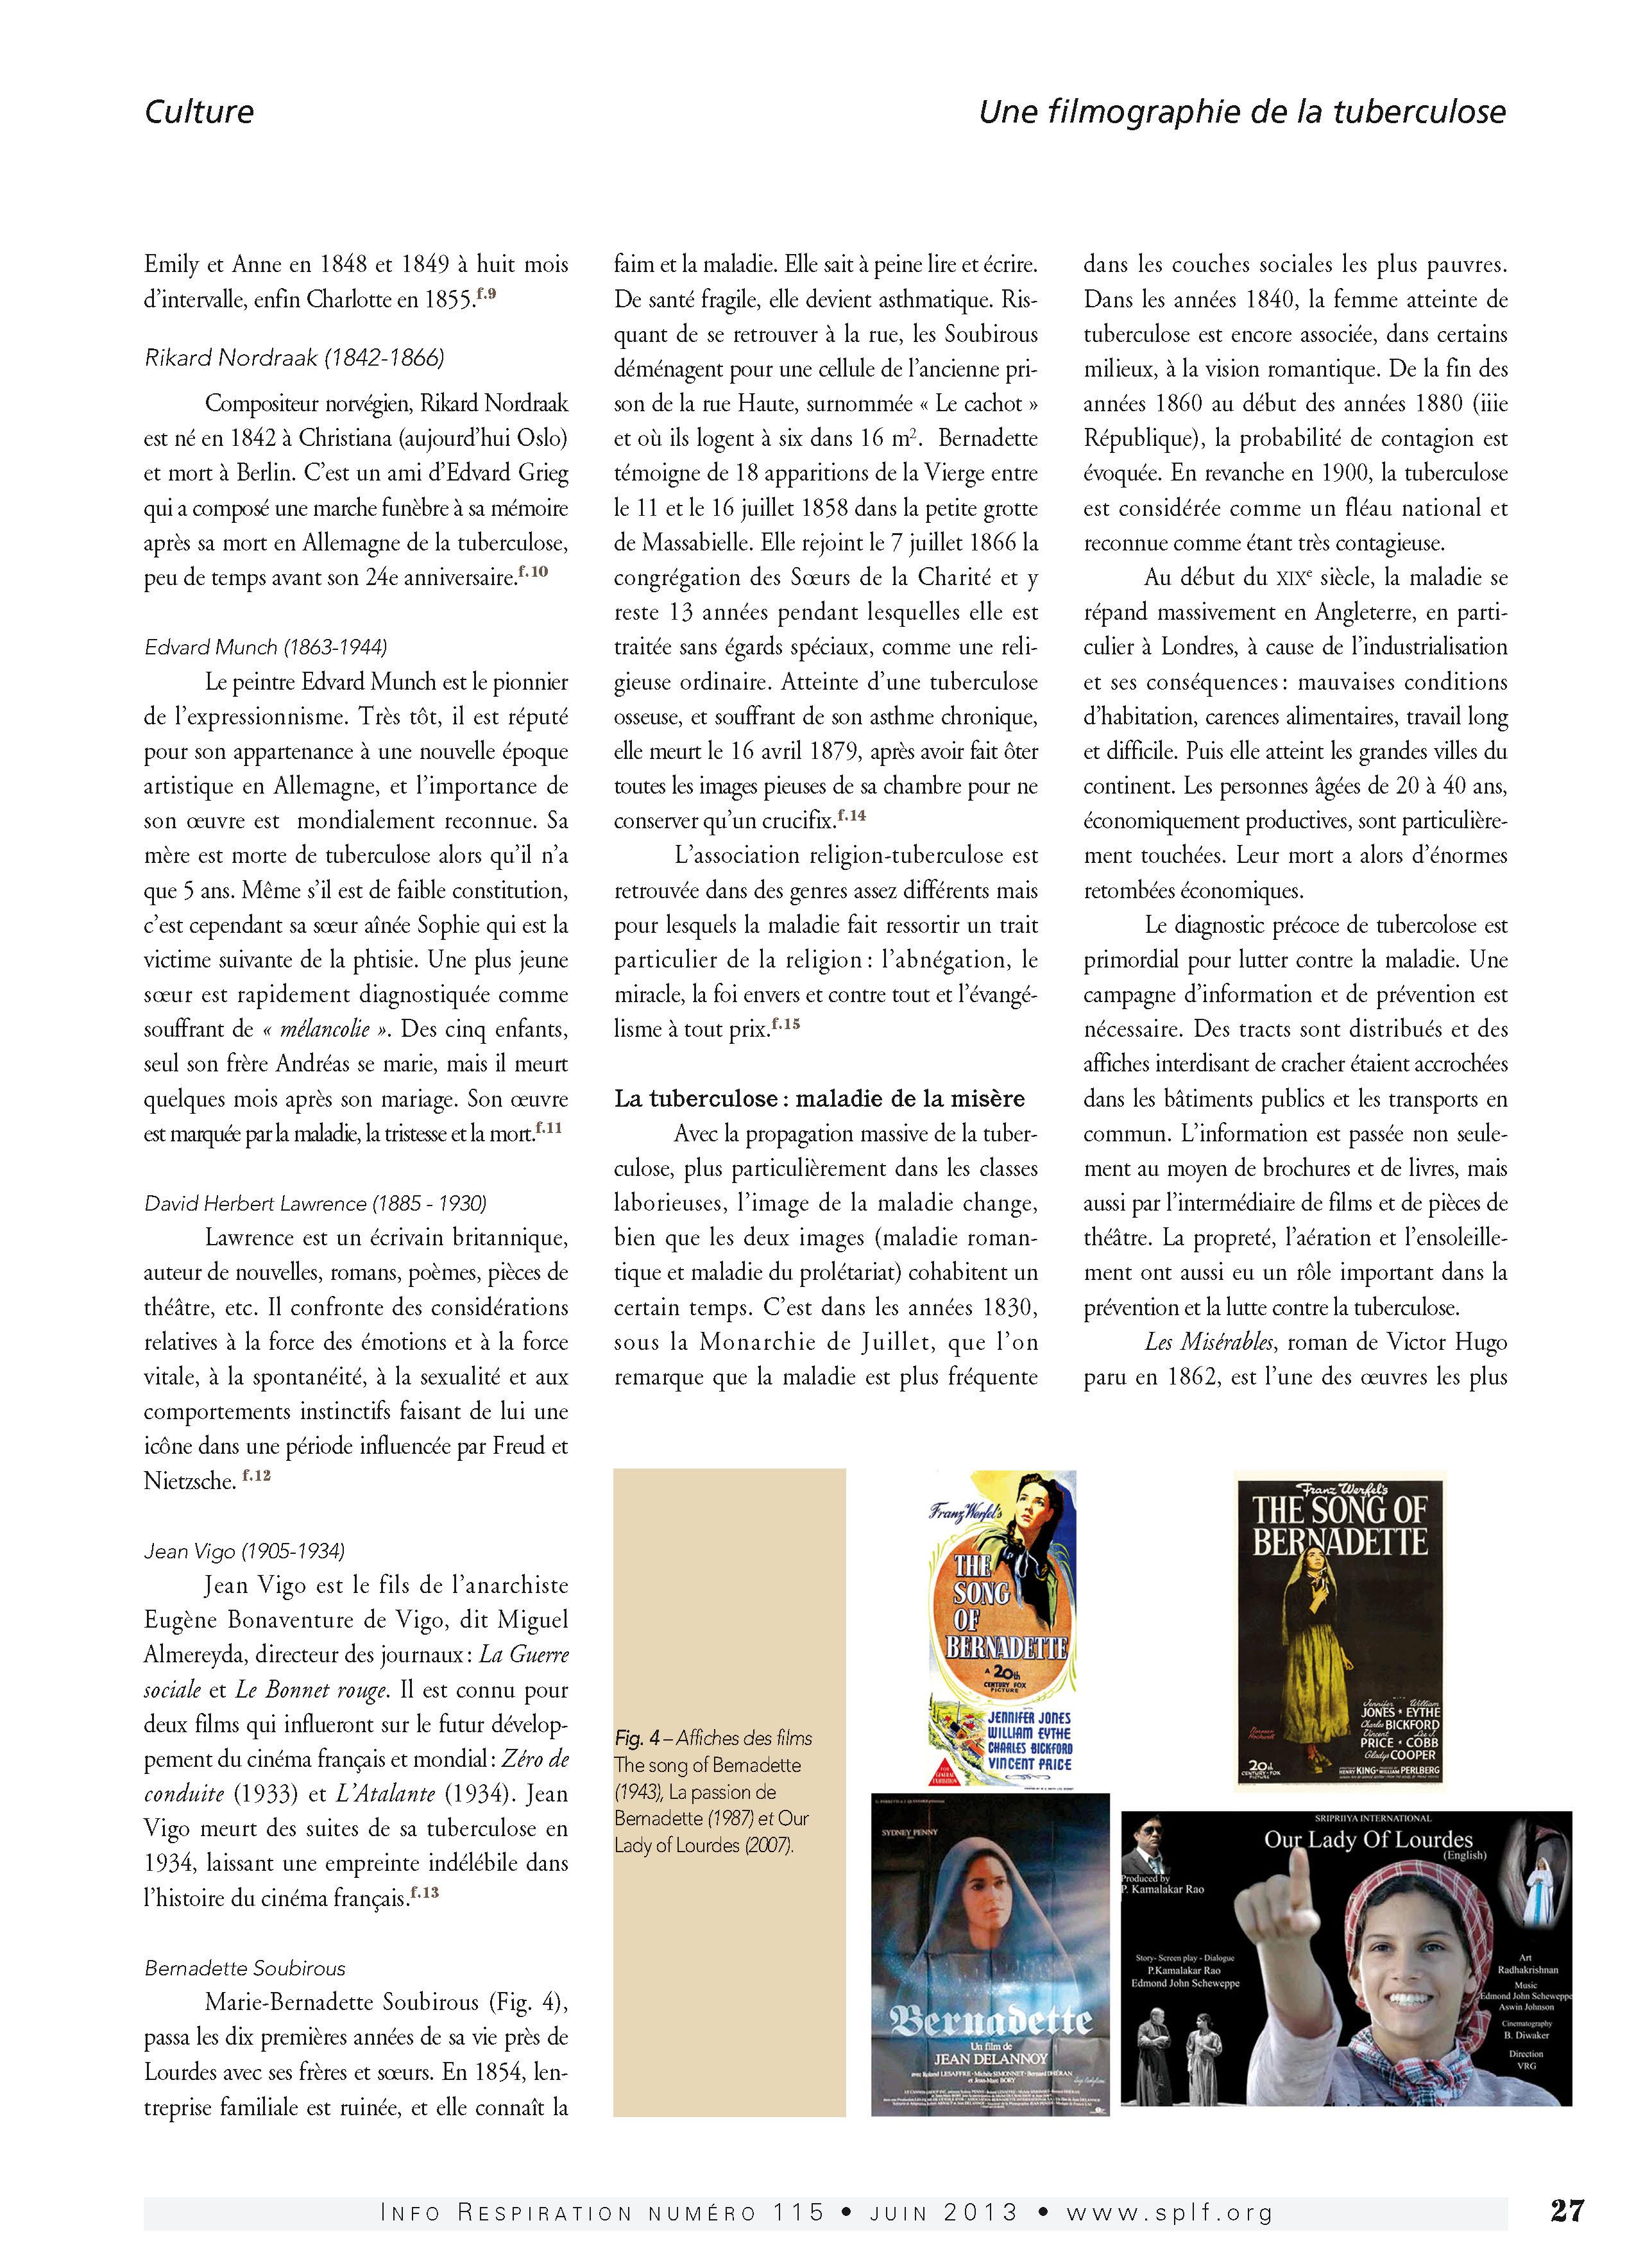 Culture-filmographie_Page_4